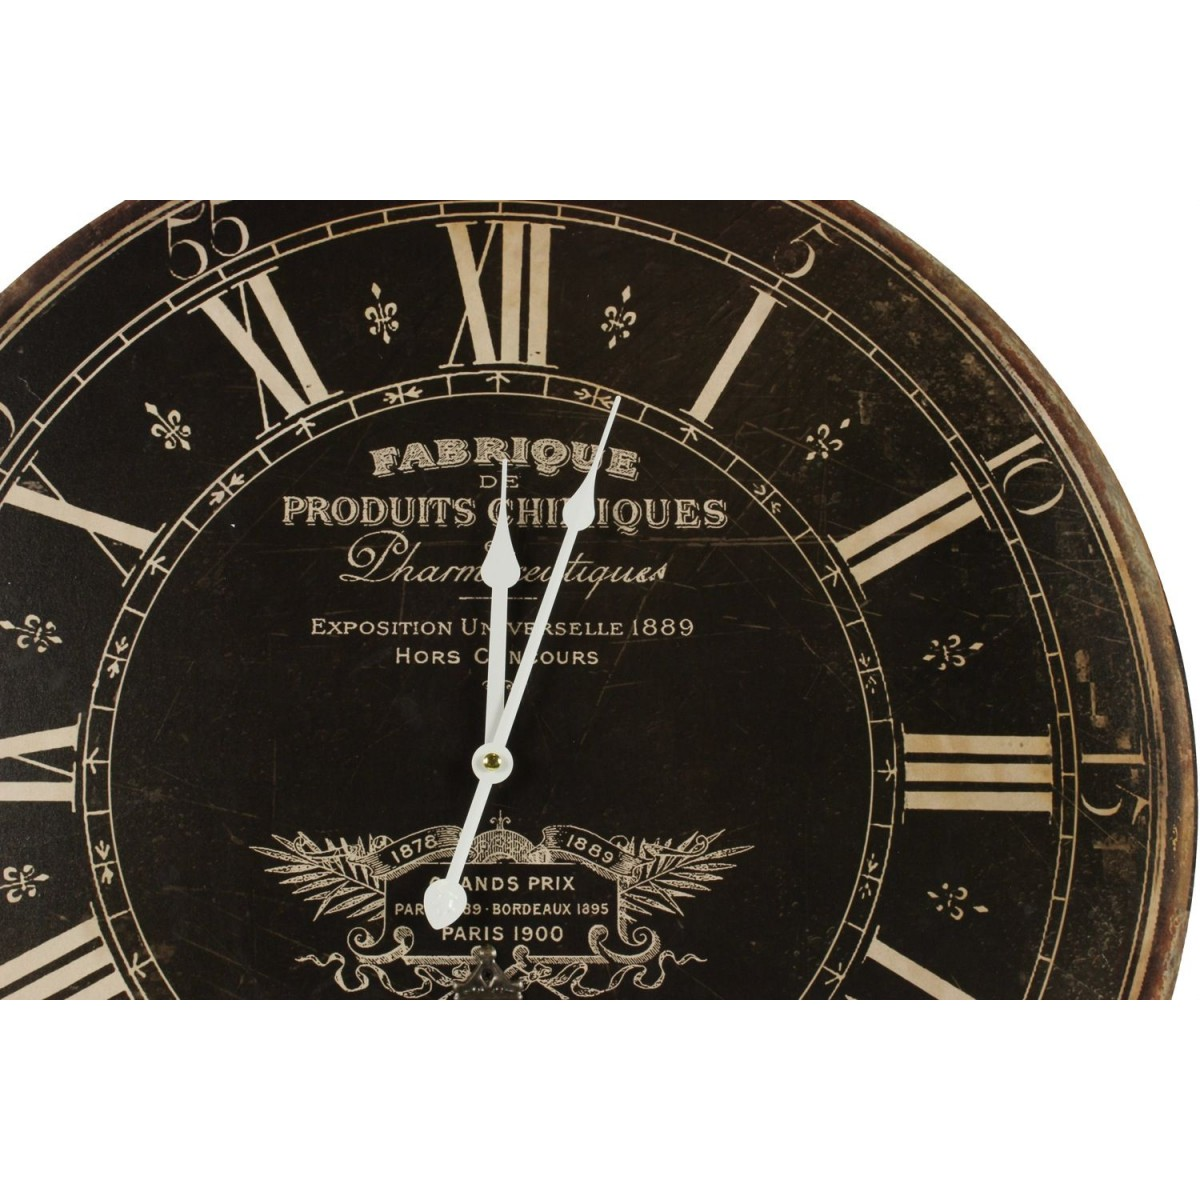 Horloge Ancienne Balancier Fabrique De Produits Chimiques 58cm